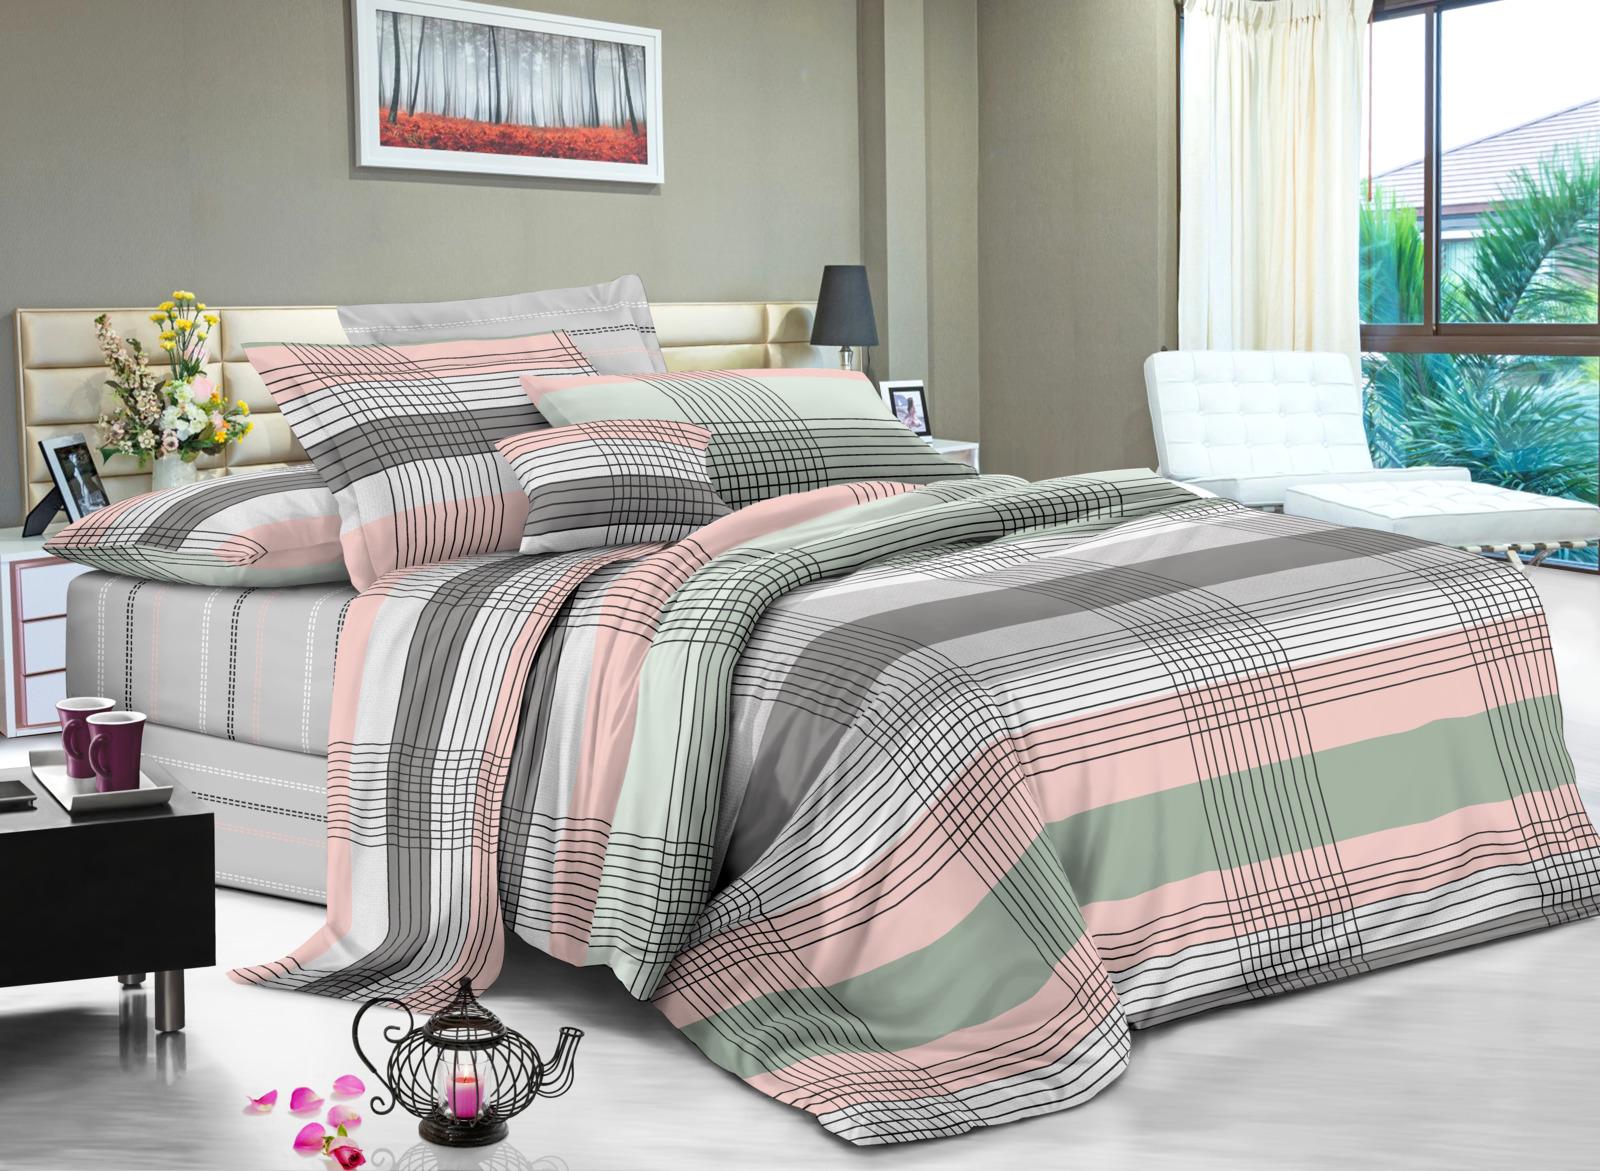 Комплект постельного белья Amore Mio Gold Assai, 9369, разноцветный, евро, наволочки 70x50, 70x70